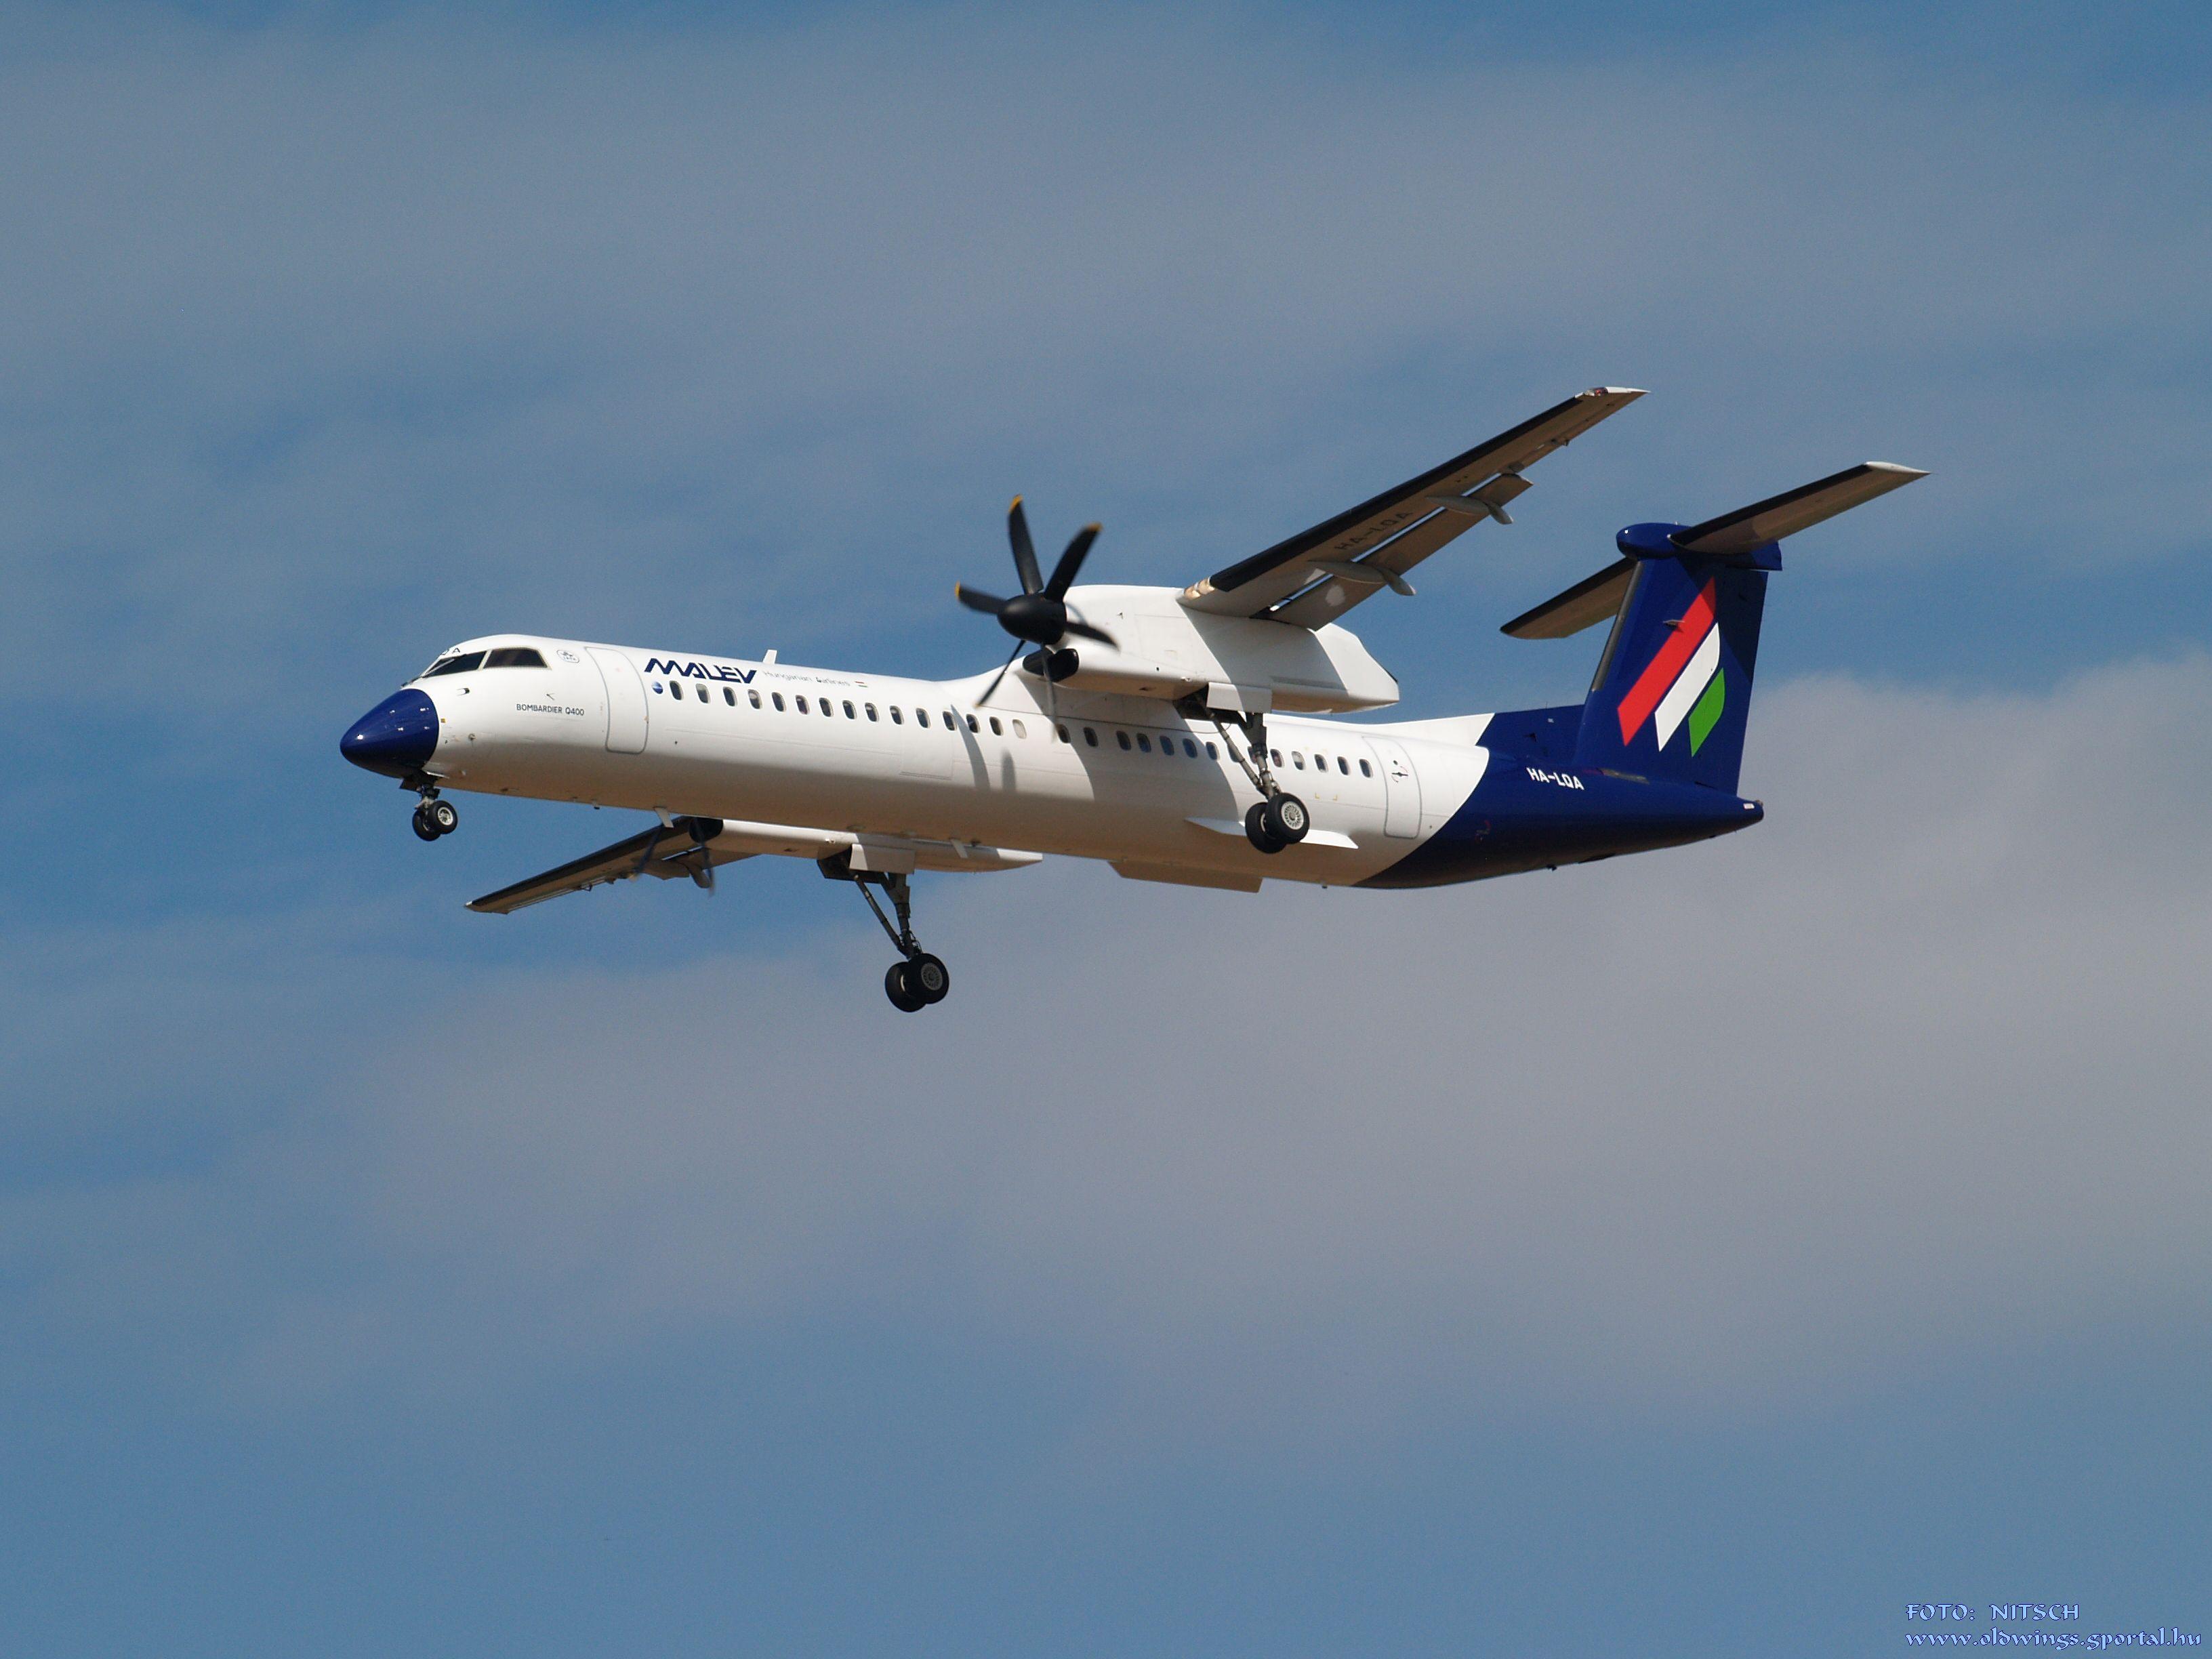 A magyar nemzeti légitársaság színeiben 2008-tól repült a típus, leállásig (fotó: Nitsch György)